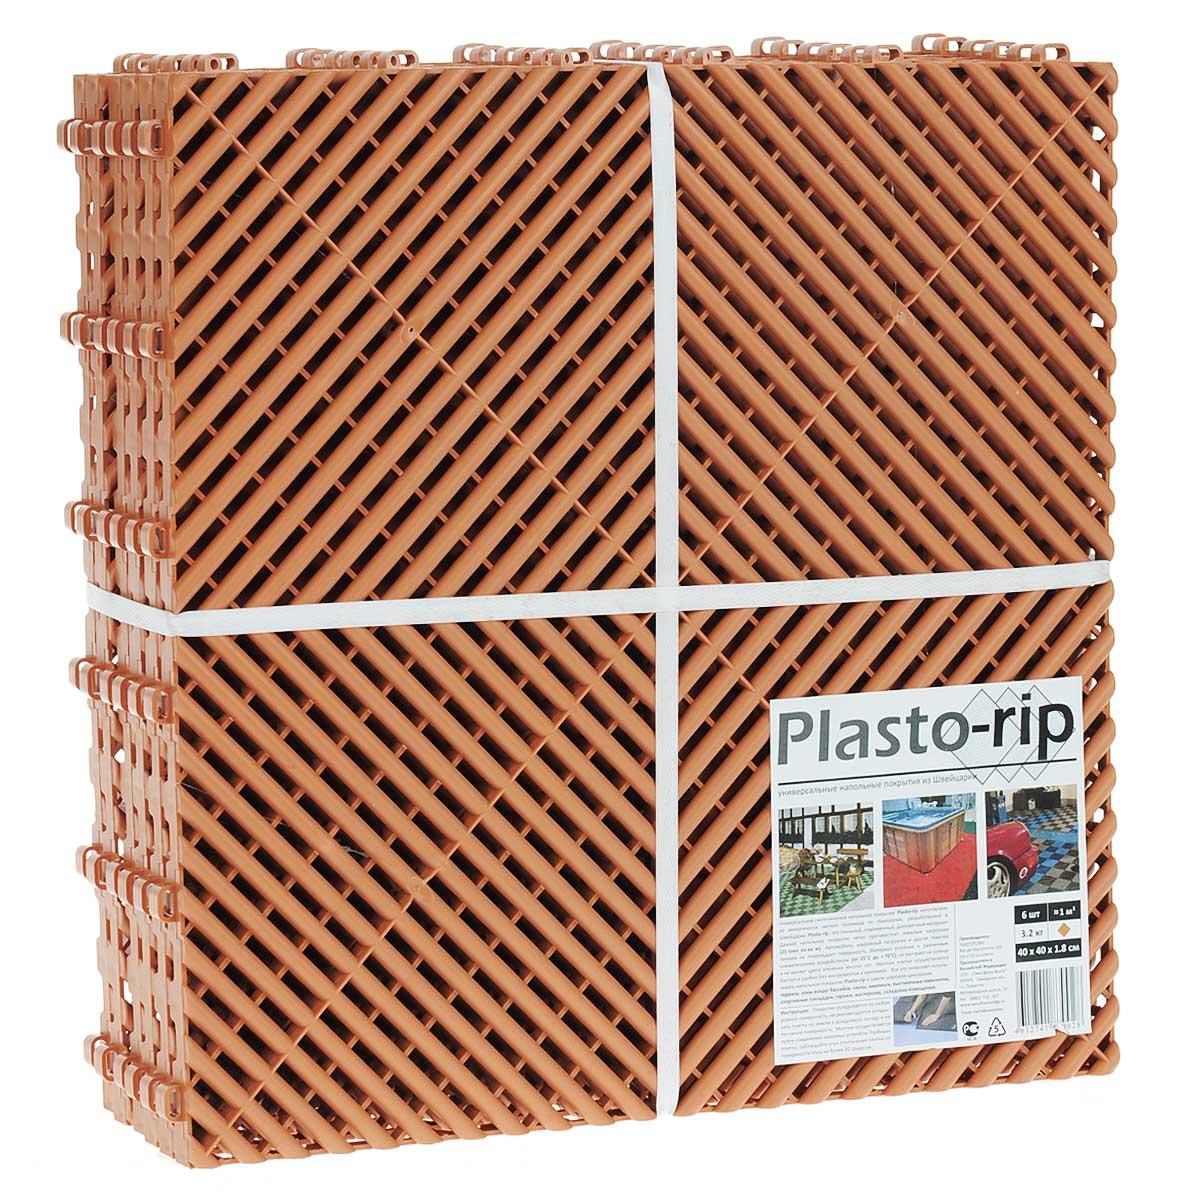 Плитка для пола Plasto Rip, цвет: терракотовый, 40 см х 40 см х 1,8 см, 6 шт09840-20.000.00Плитка для пола Plasto Rip - это универсальное синтетическое напольное покрытие, изготовленное из экологически чистого полимера по технологии, разработанной в Швейцарии. Это стильный, современный, долговечный материал. Данное напольное покрытие легко противостоит тяжелым нагрузкам (25 тонн на кв.м.). Автомобиль, массивный погрузчик и другая тяжелая техника не повреждает поверхность. Материал устойчив к различным климатическим воздействиям (от -25°С до +70°С), не выгорает на солнце и не меняет цвета в течение многих лет. Монтаж плитки осуществляется быстро и удобно без инструментов и крепежей. Все это позволяет использовать покрытие в самом широком диапазоне: террасы, зоны вокруг бассейна, сауны, кемпинги, выставочные павильоны, спортивные площадки, гаражи, мастерские, складские помещения. В комплекте 6 плиток, рассчитанных на покрытие 1 кв.м. Инструкция по монтажу на упаковке. Размер одной плитки: 40 см x 40 см x 1,8 см. Стабильность: от -20°C до +70°C. Давление: до 25 тонн на м2. Сопротивление: кислоты, щелочь. Плиток в 1 кв.м: 6 шт.